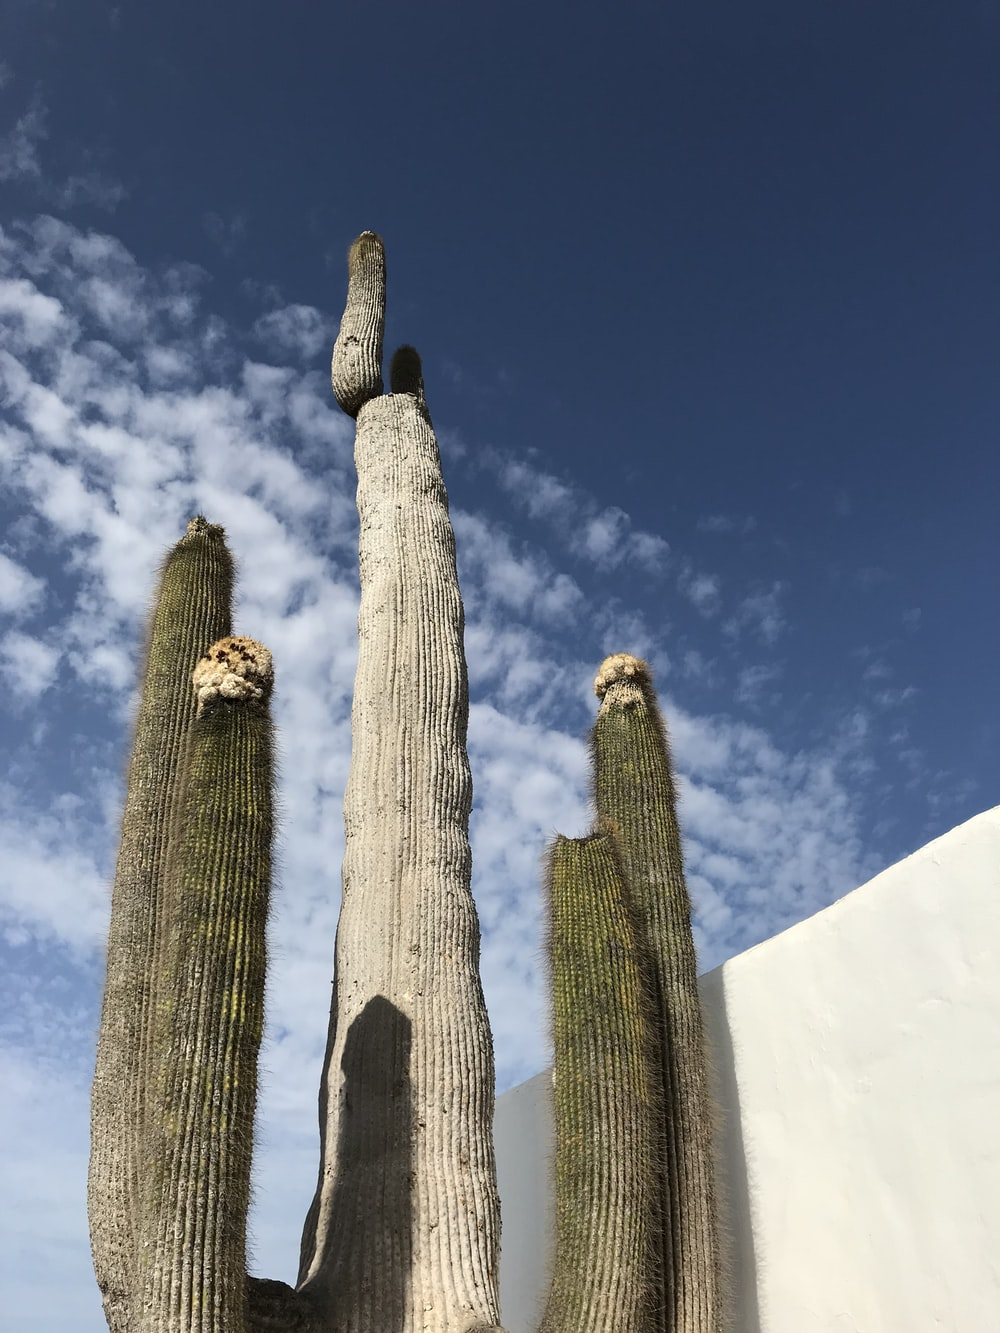 cactus plant